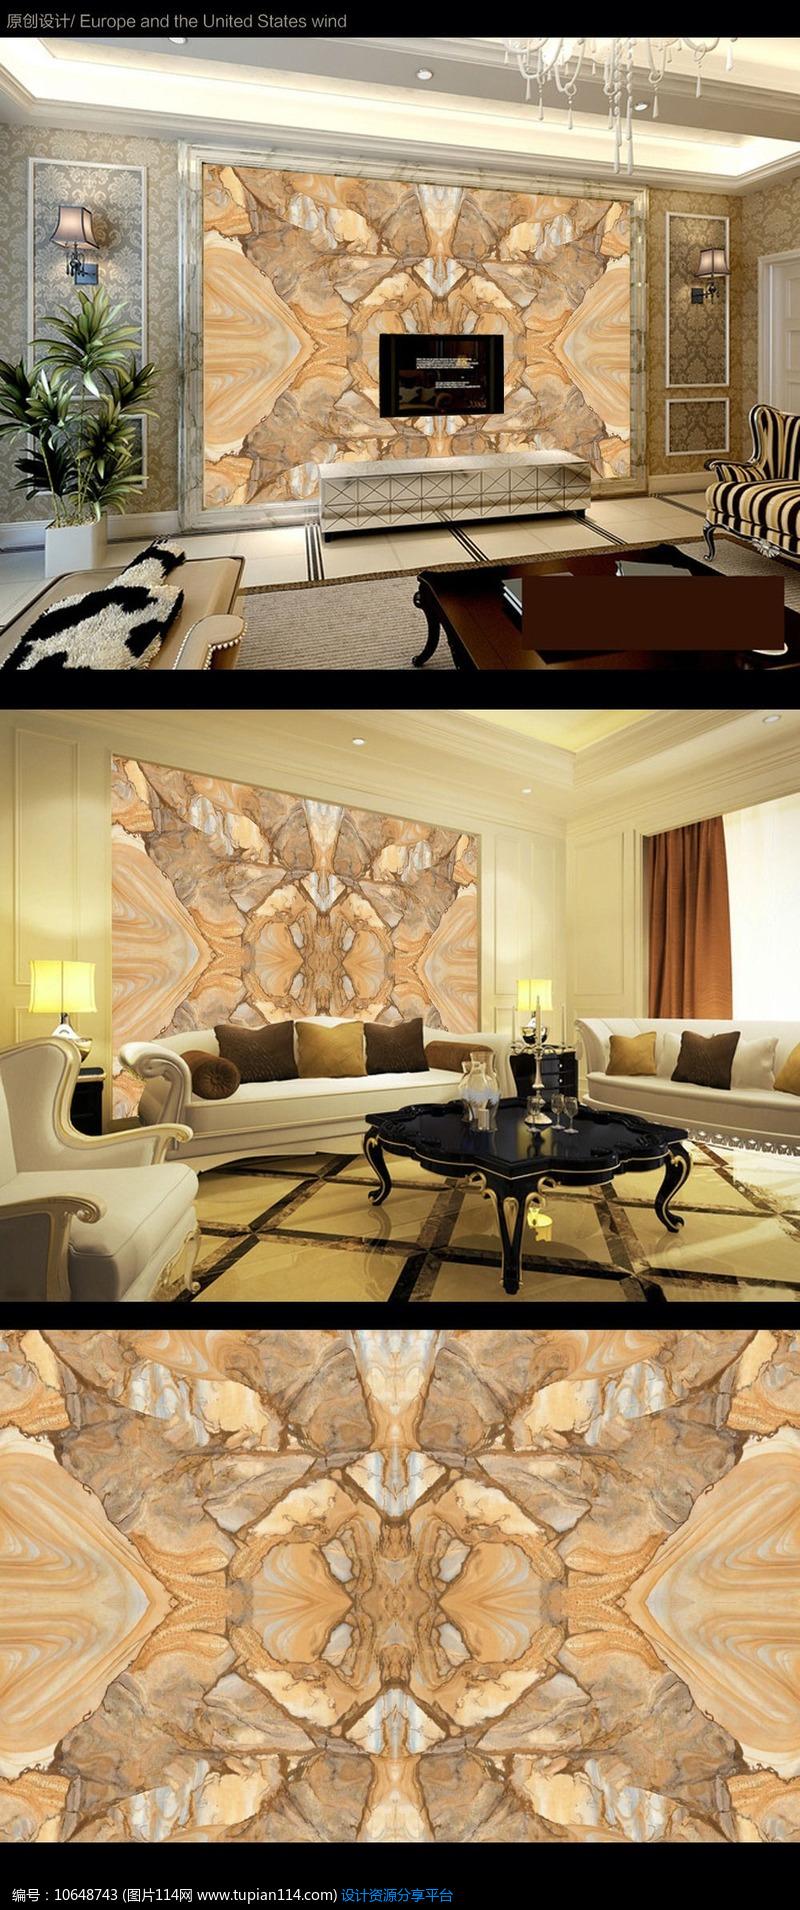 欧式大理石纹电视背景墙设计素材免费下载_其他设计